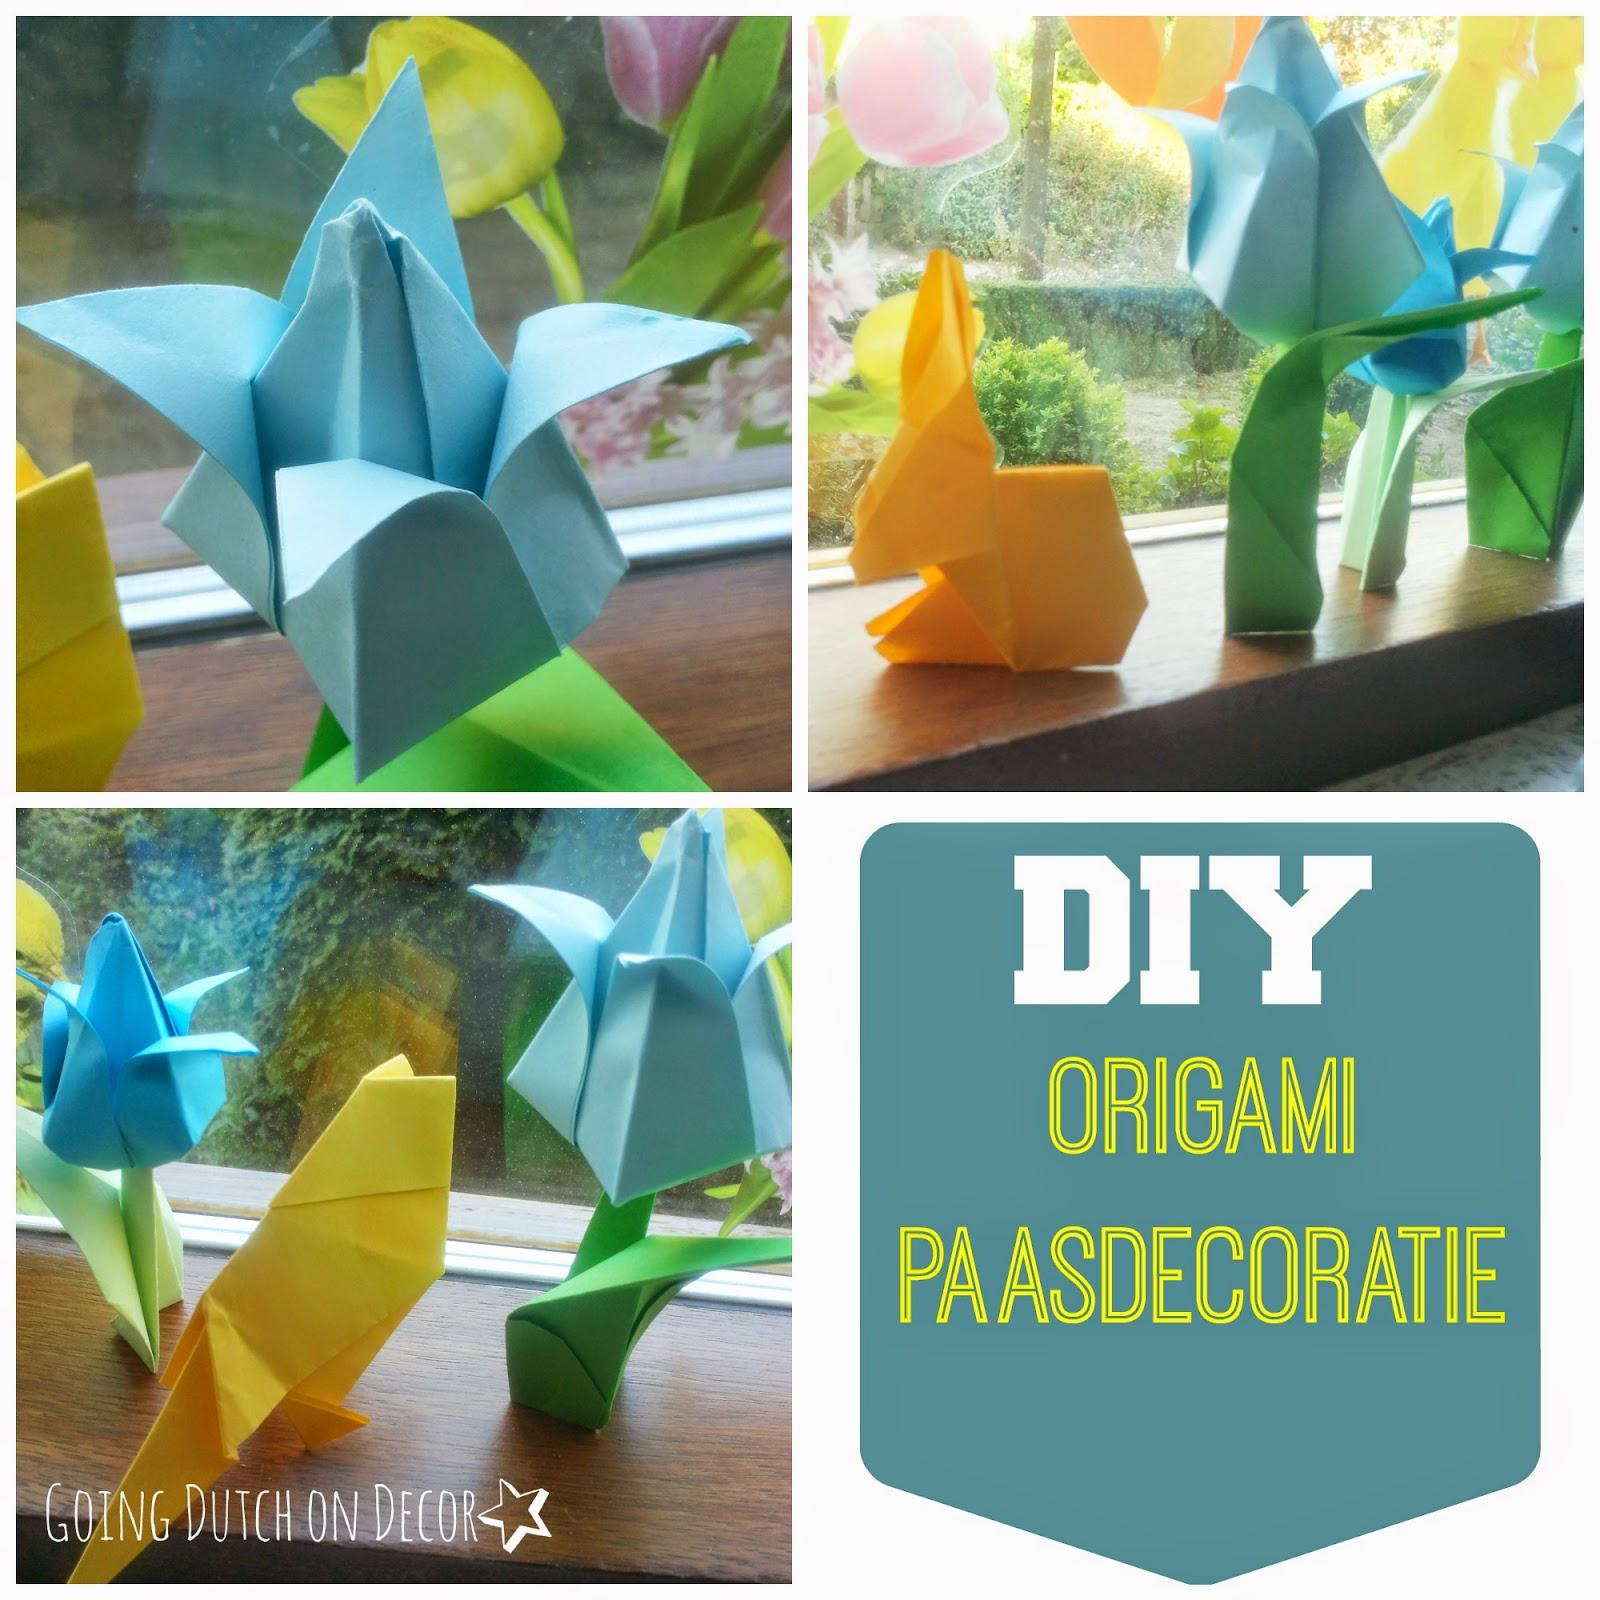 DIY paasdecoratie van origami